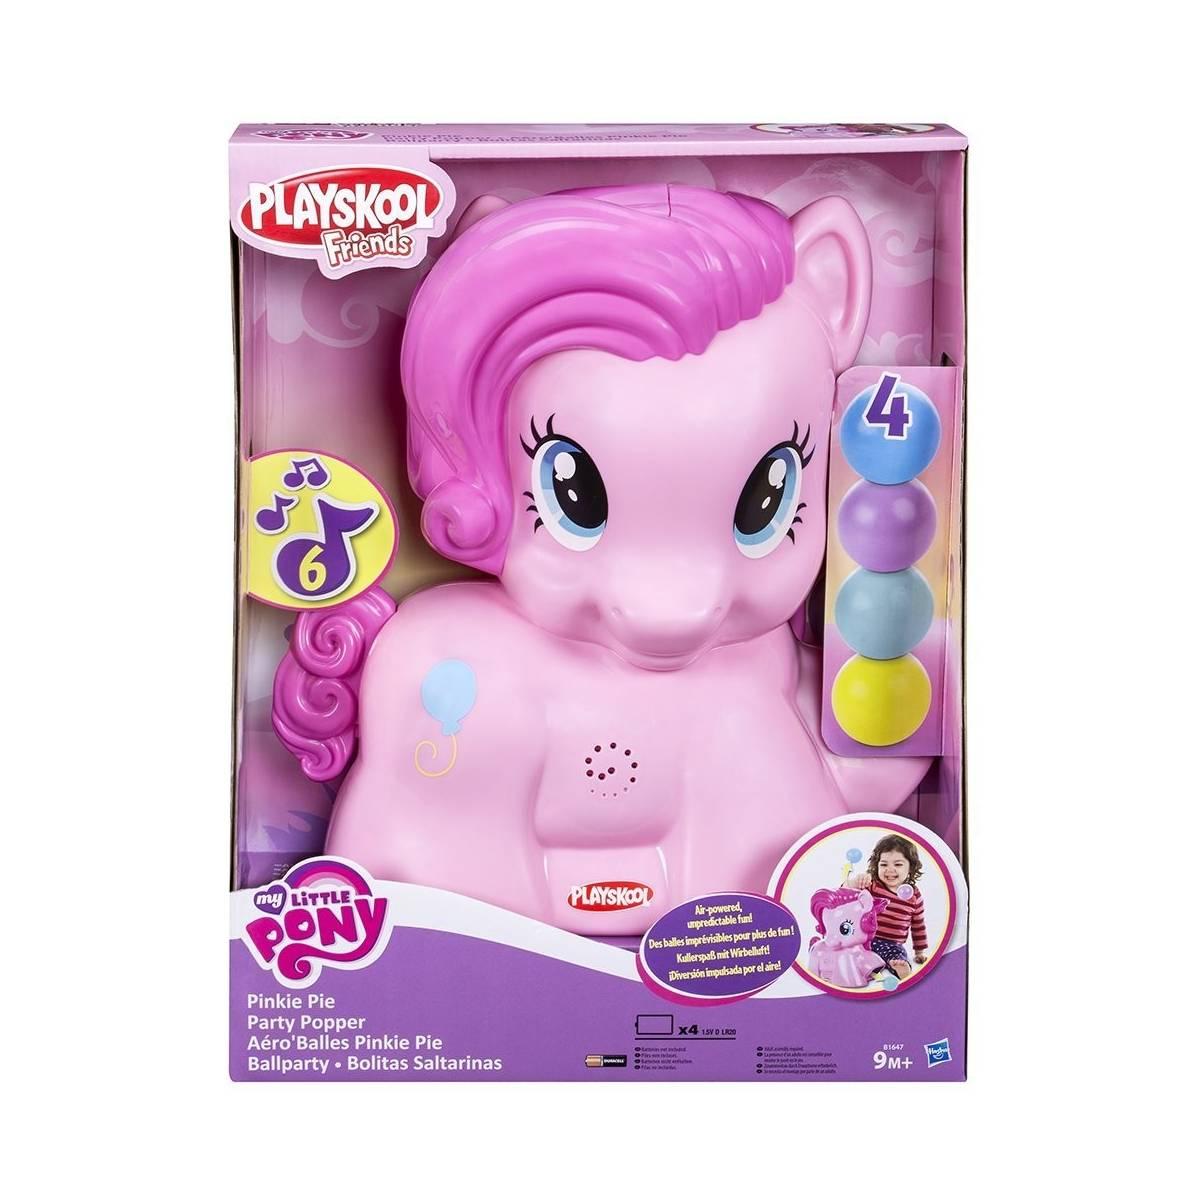 My Little Pony - Pinkie Pie Party Popper